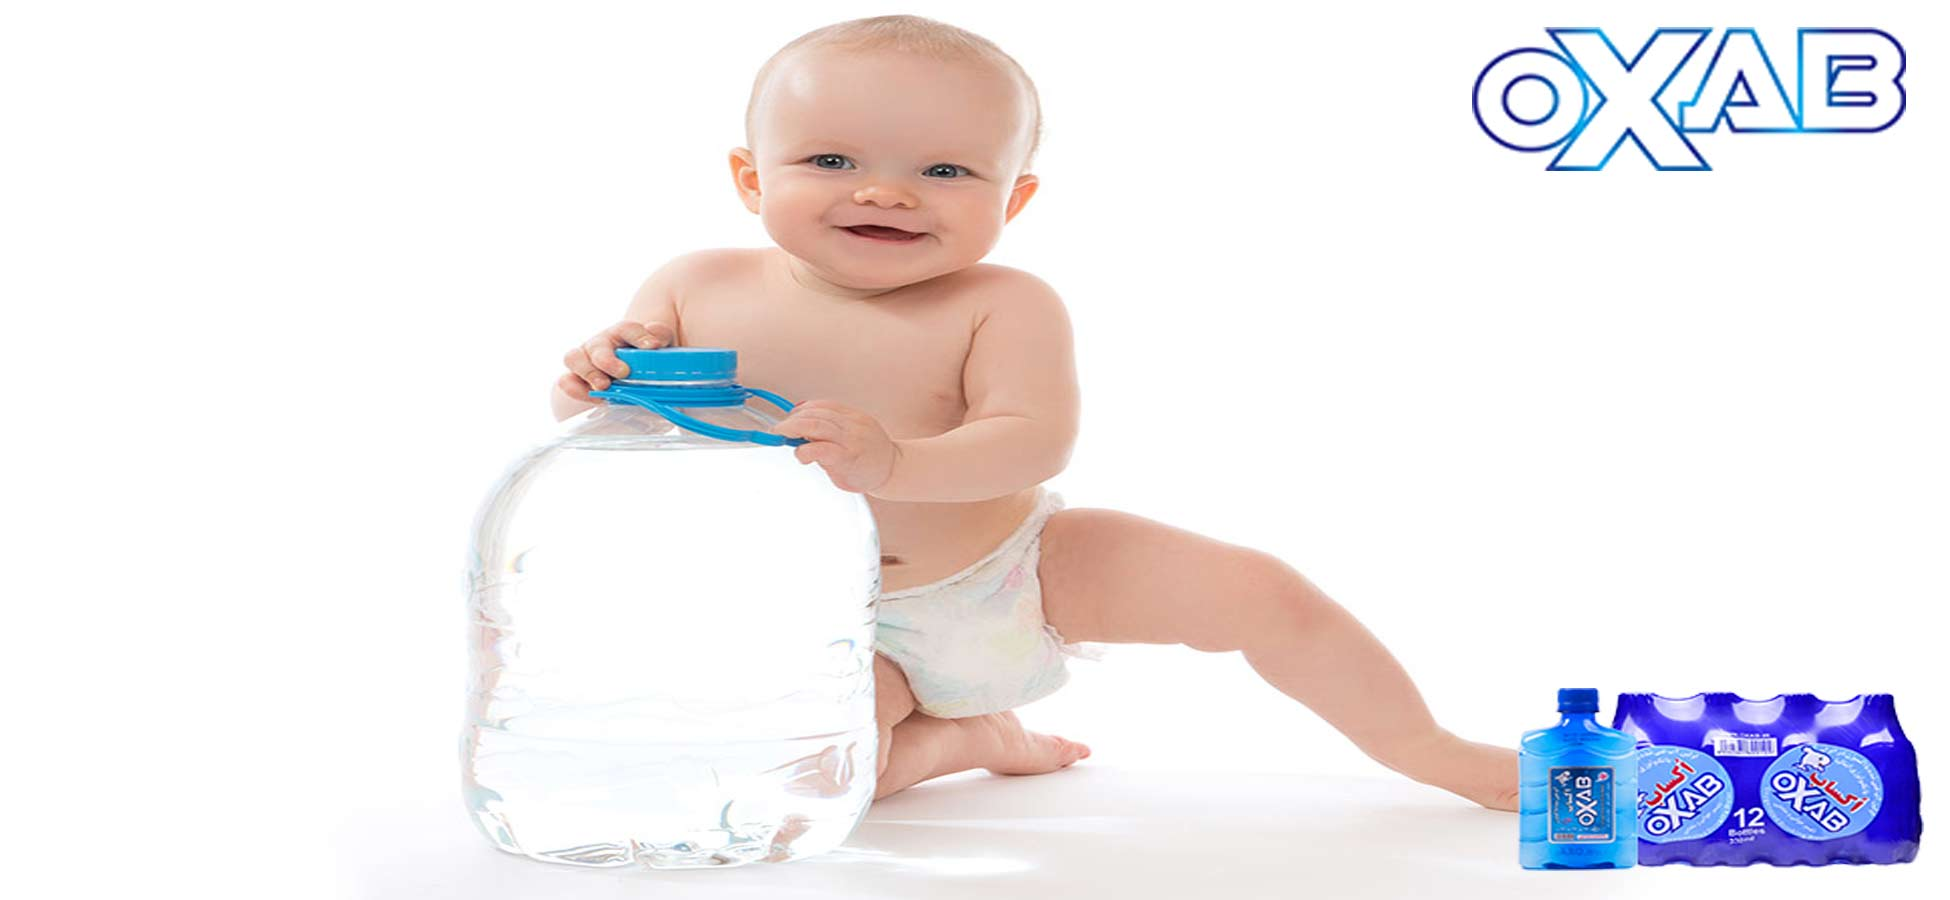 آیا نوزادان میتوانند از آب معدنی استفاده کنند؟ خرید آب